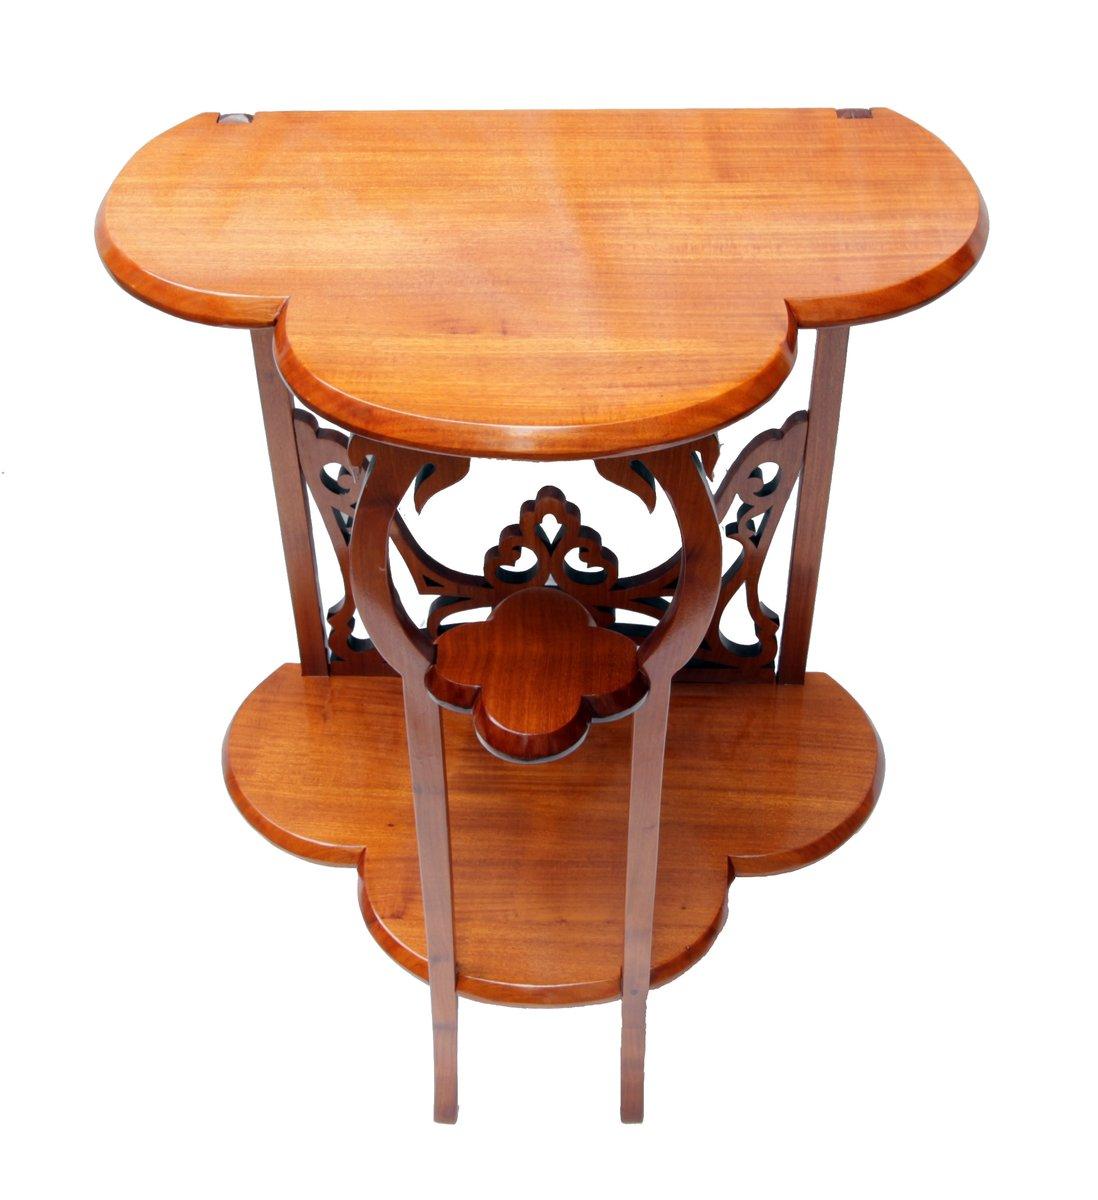 petite table d 39 appoint console vintage en vente sur pamono. Black Bedroom Furniture Sets. Home Design Ideas